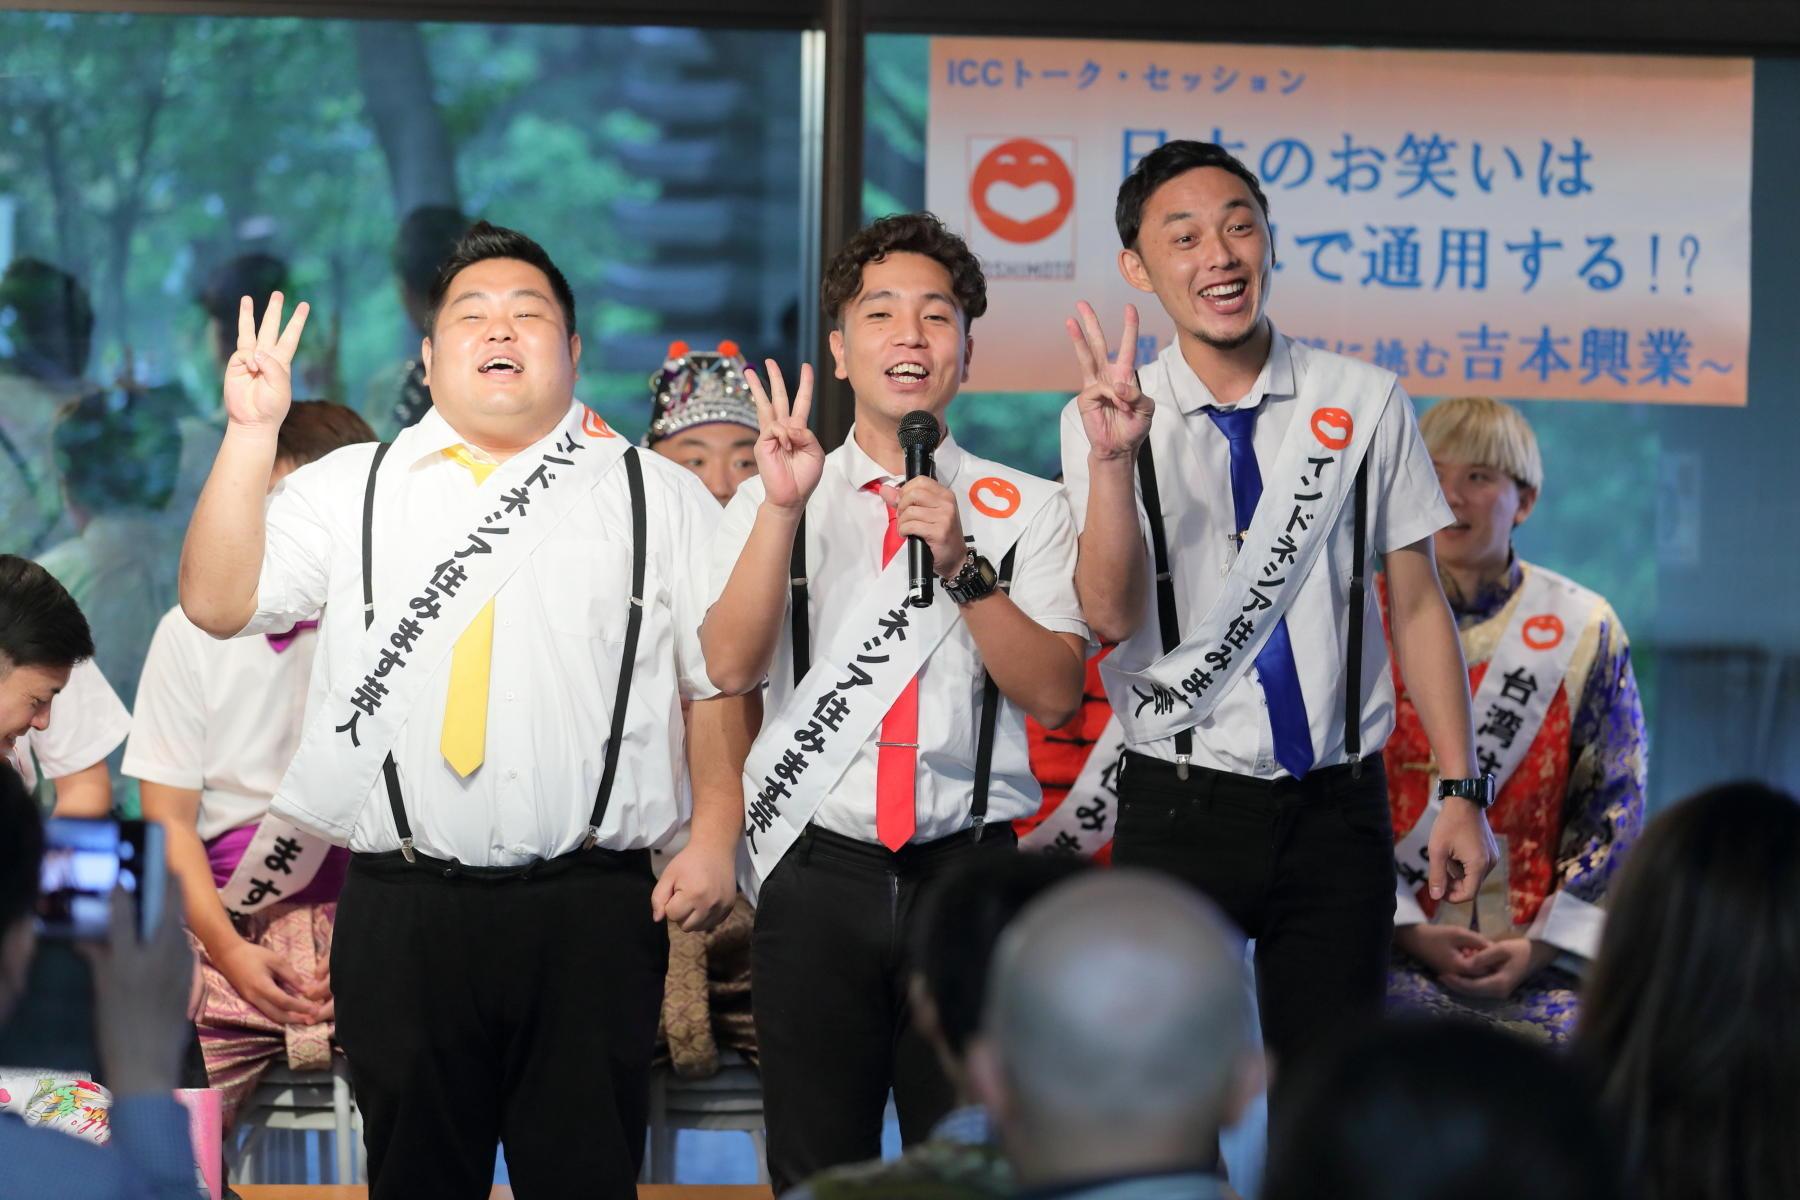 http://news.yoshimoto.co.jp/20180502054107-5a6fa243ac5c13c00e49e40102fcf2a21119d868.jpg